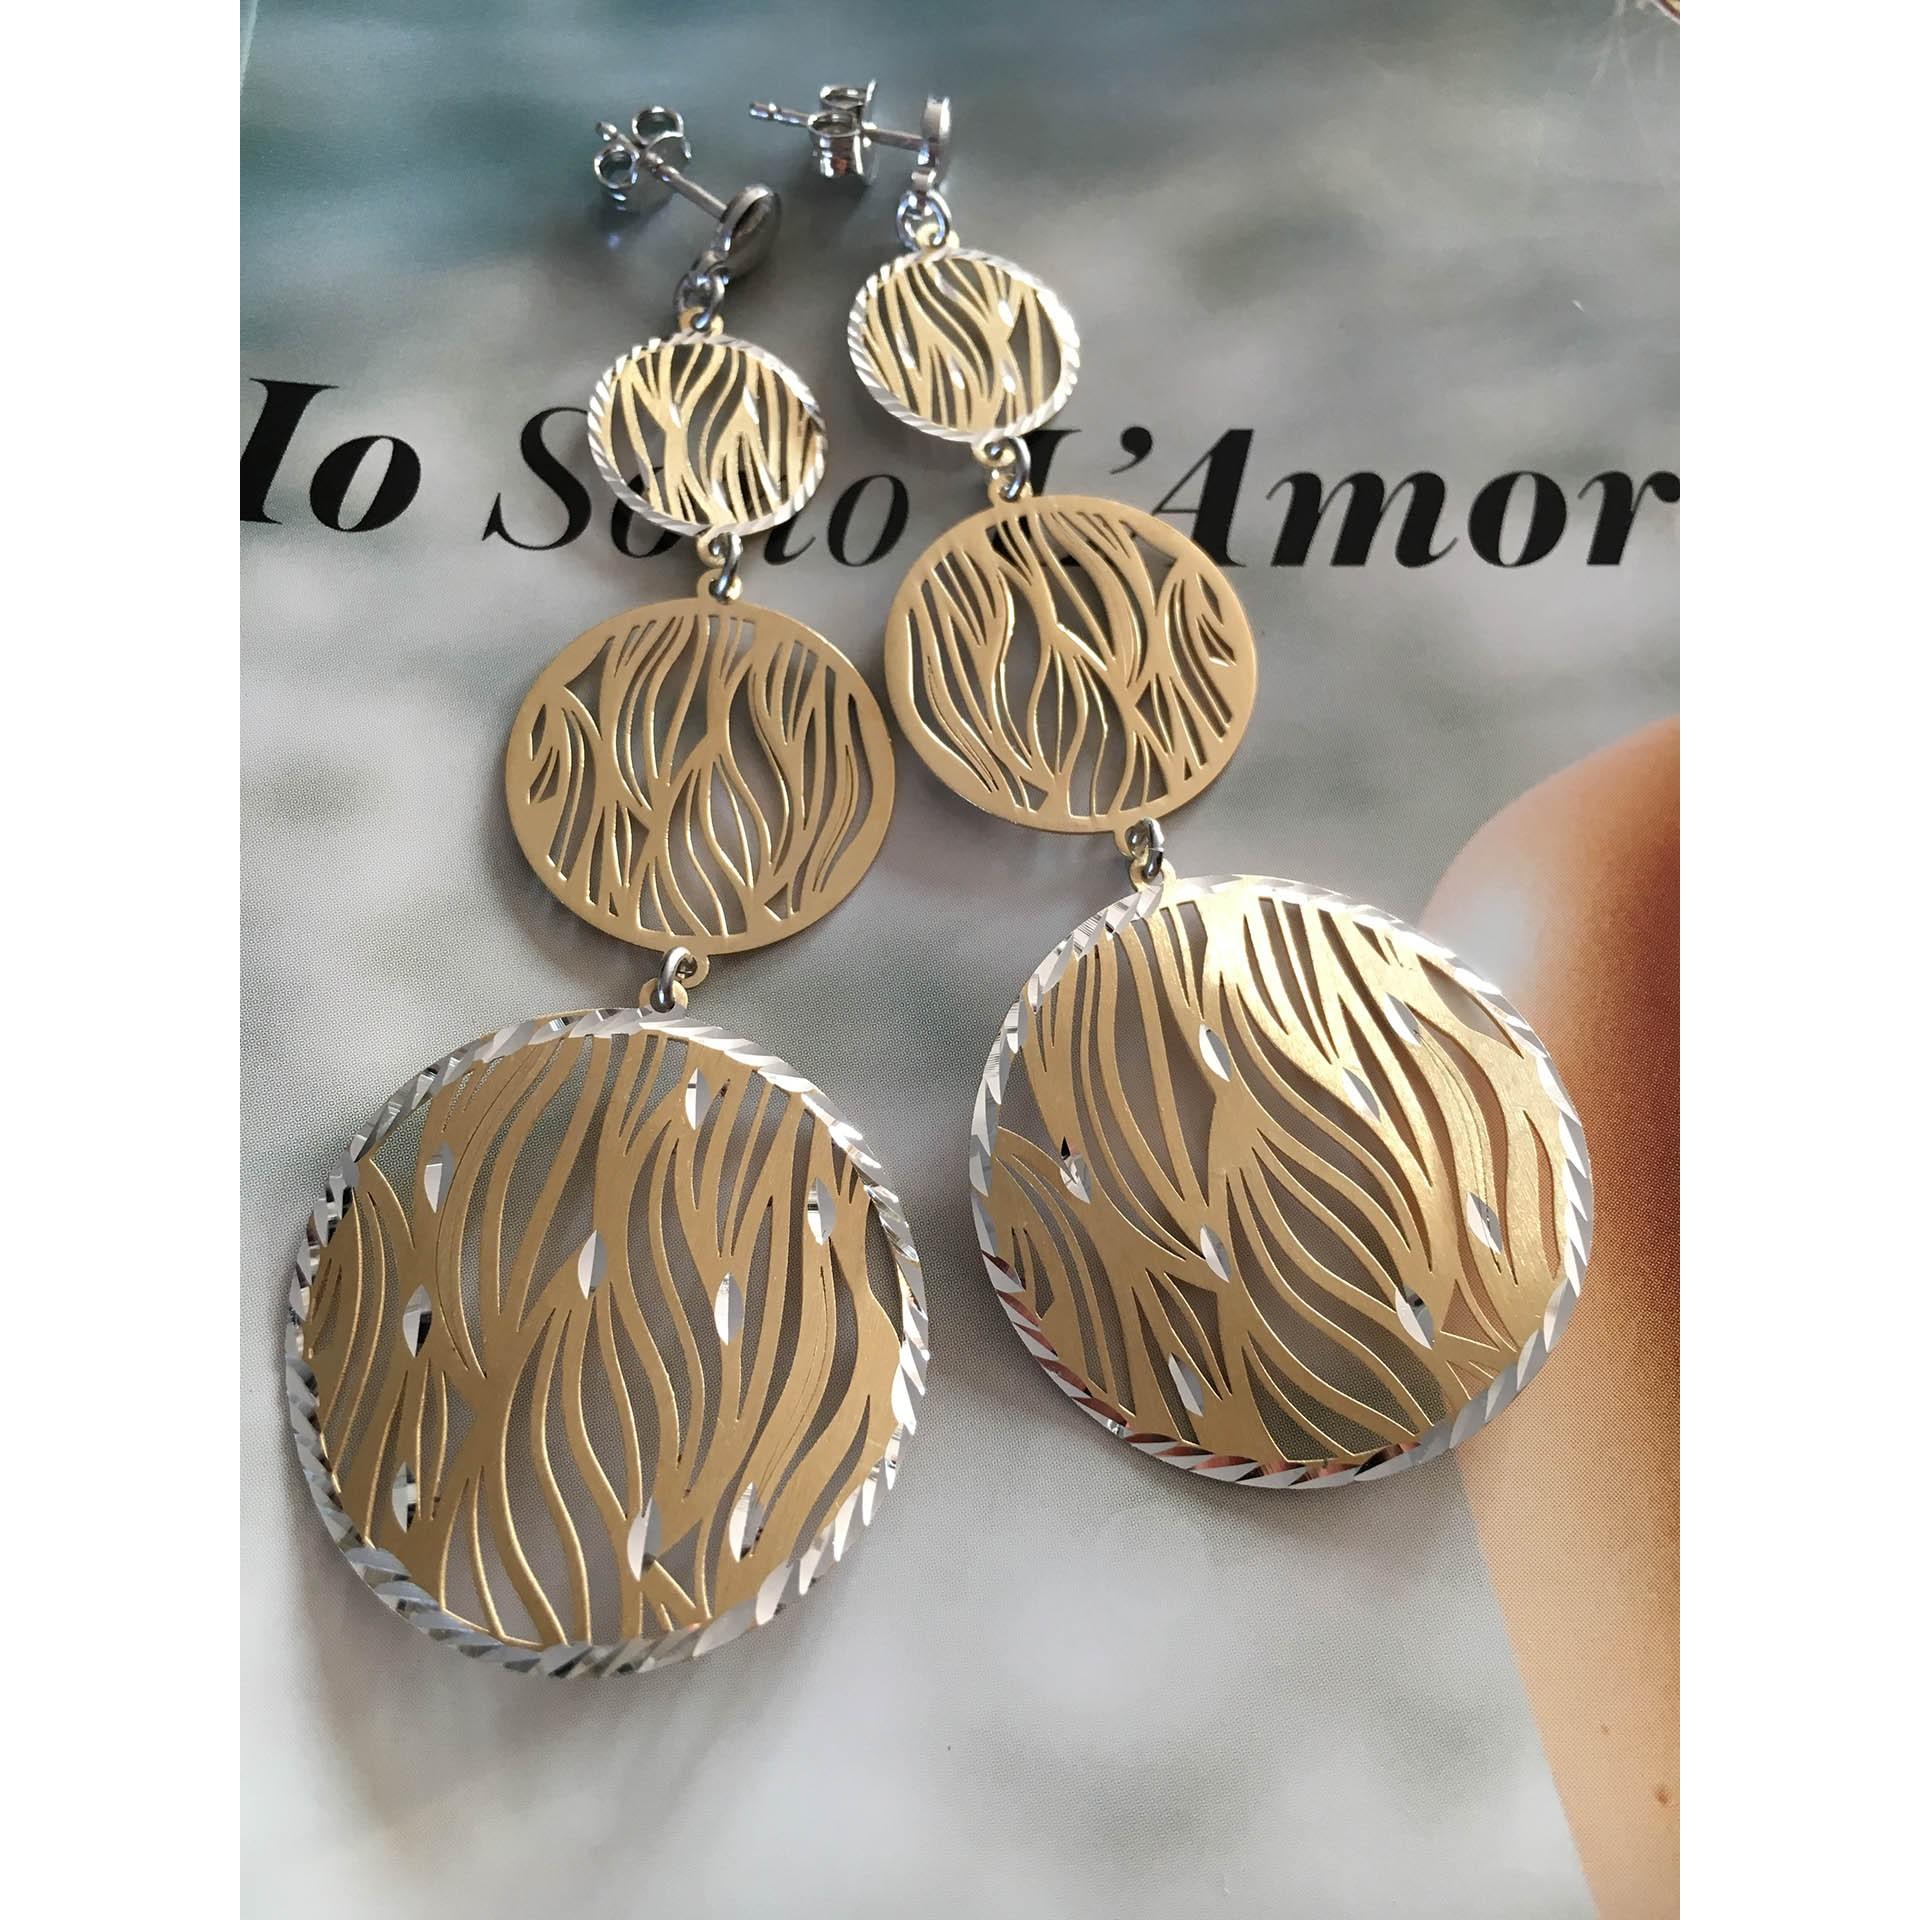 The Zebra in Gold silver earrings